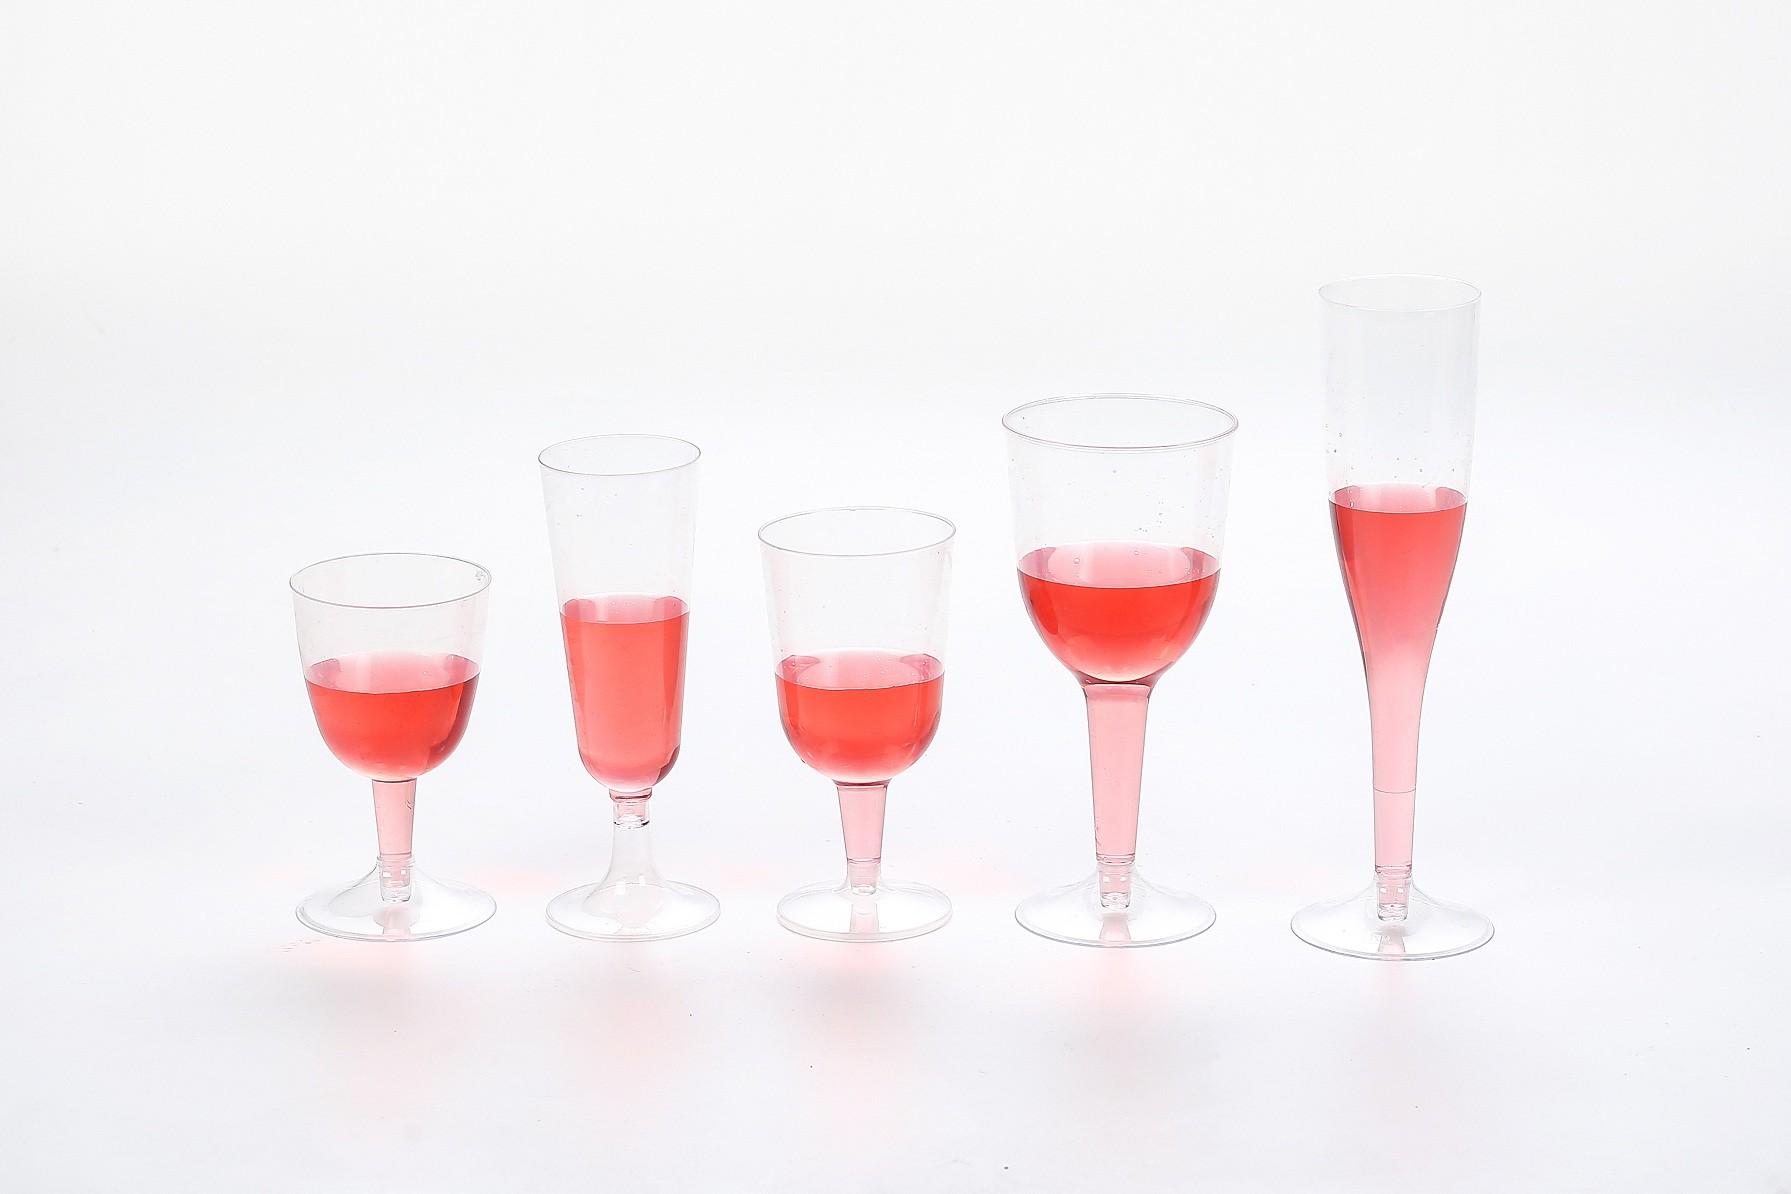 All kinds of elegant goblets